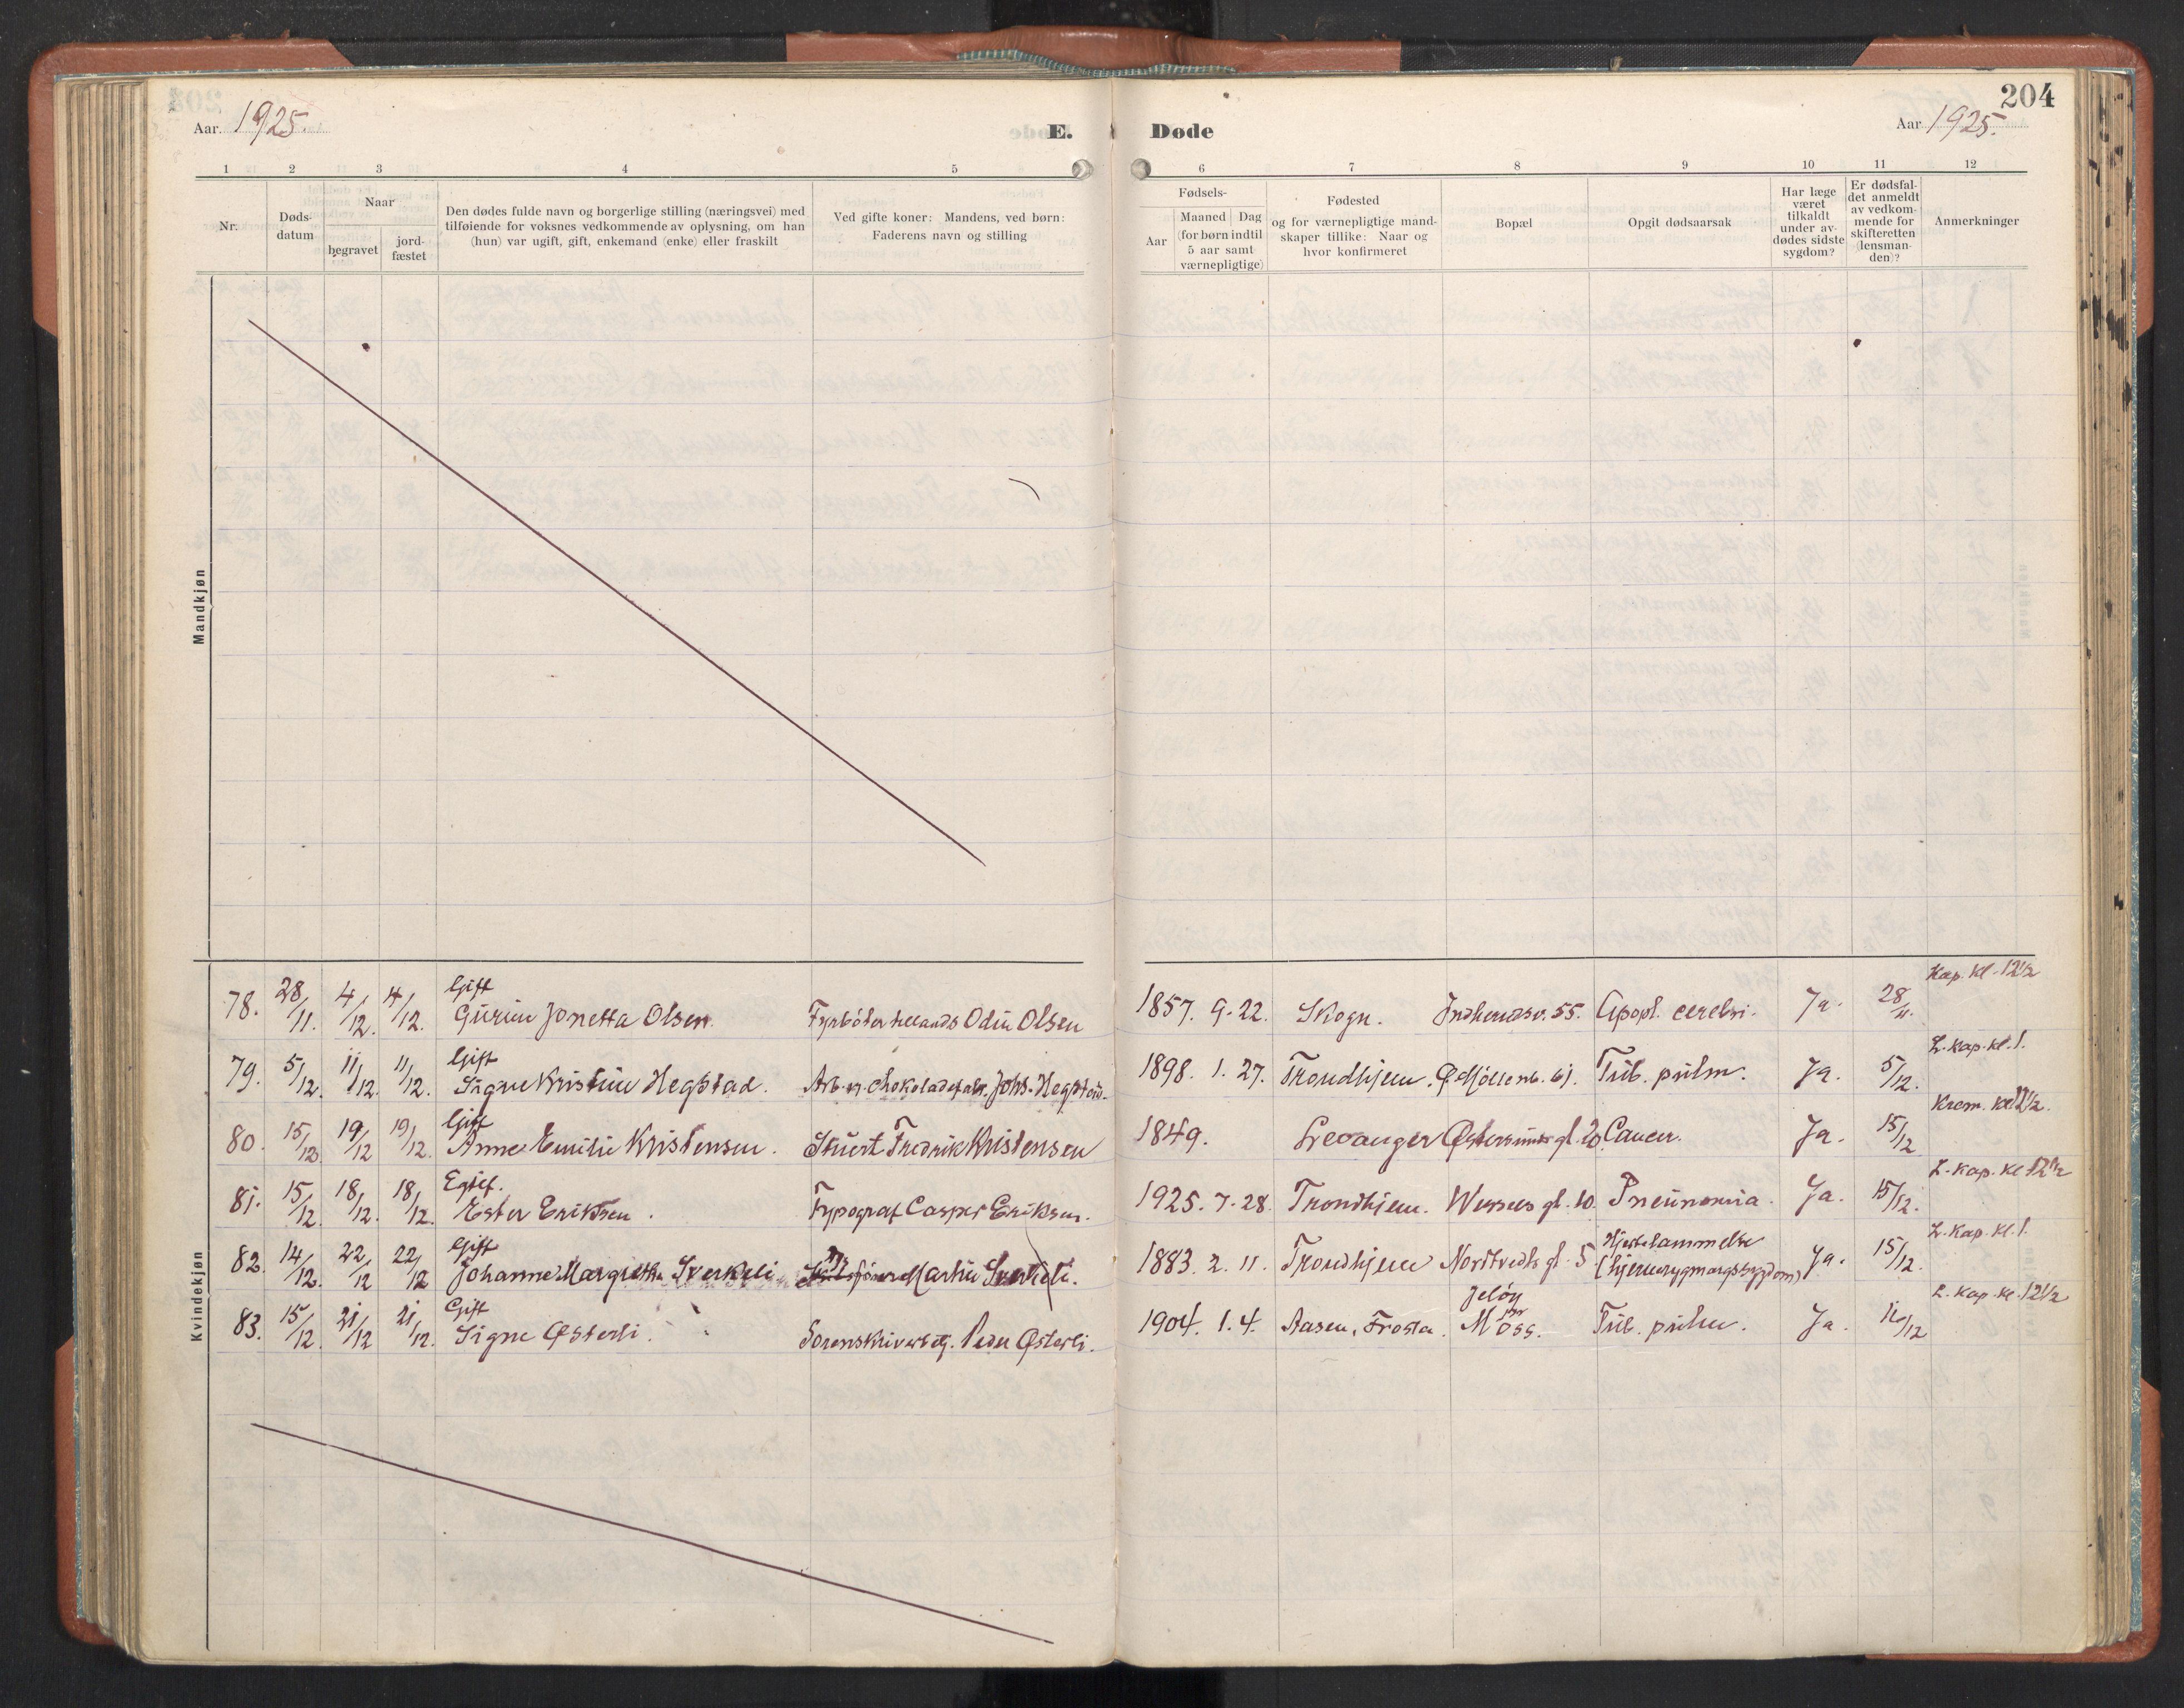 SAT, Ministerialprotokoller, klokkerbøker og fødselsregistre - Sør-Trøndelag, 605/L0245: Ministerialbok nr. 605A07, 1916-1938, s. 204